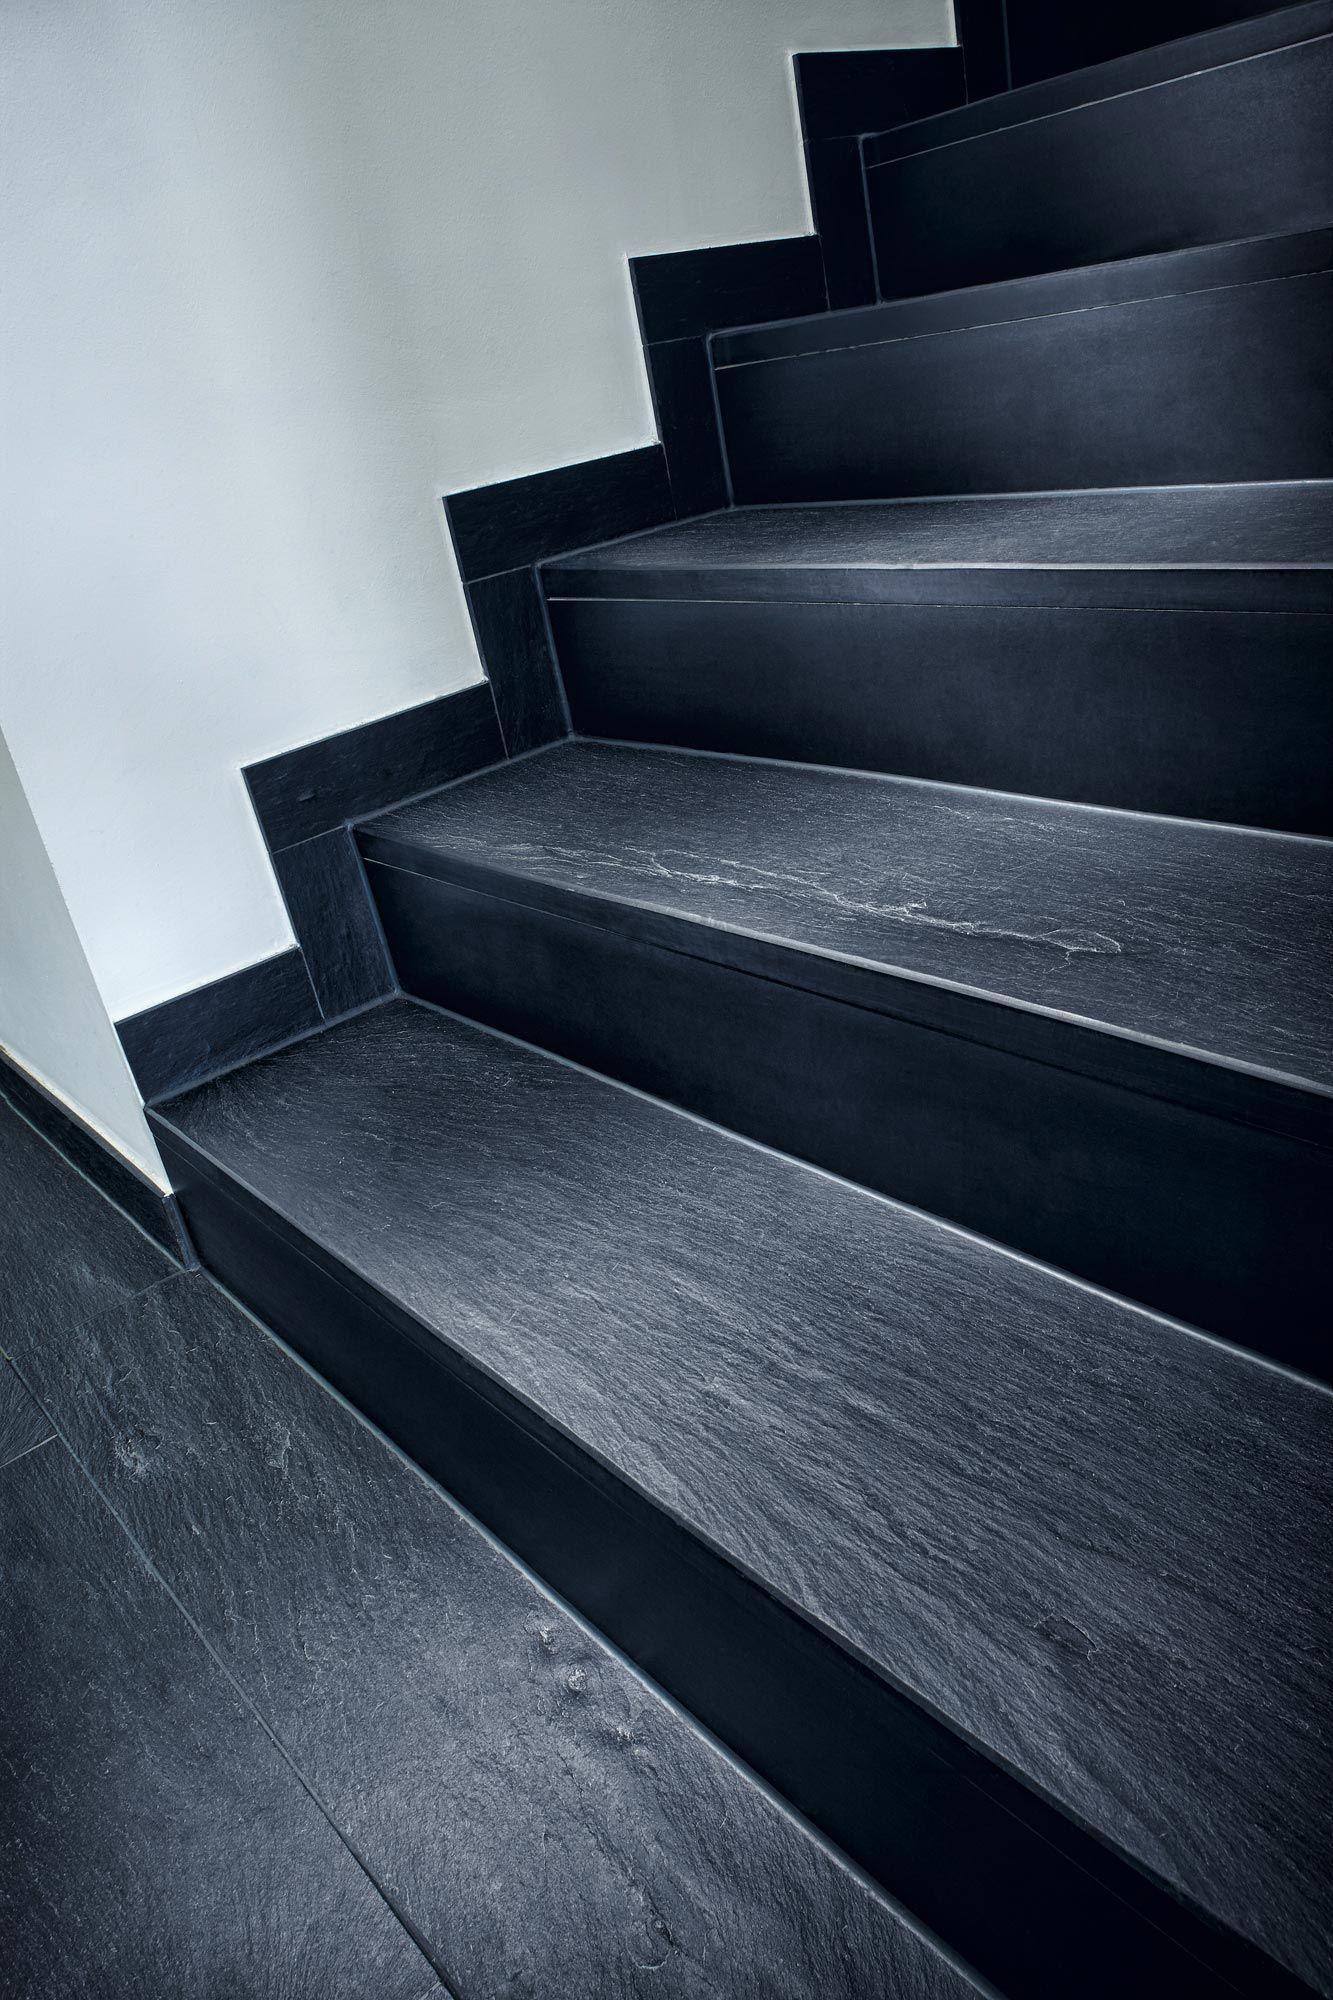 klare linien die dem raum struktur geben treppengestaltung mit hochwertigen s emotionen aus. Black Bedroom Furniture Sets. Home Design Ideas